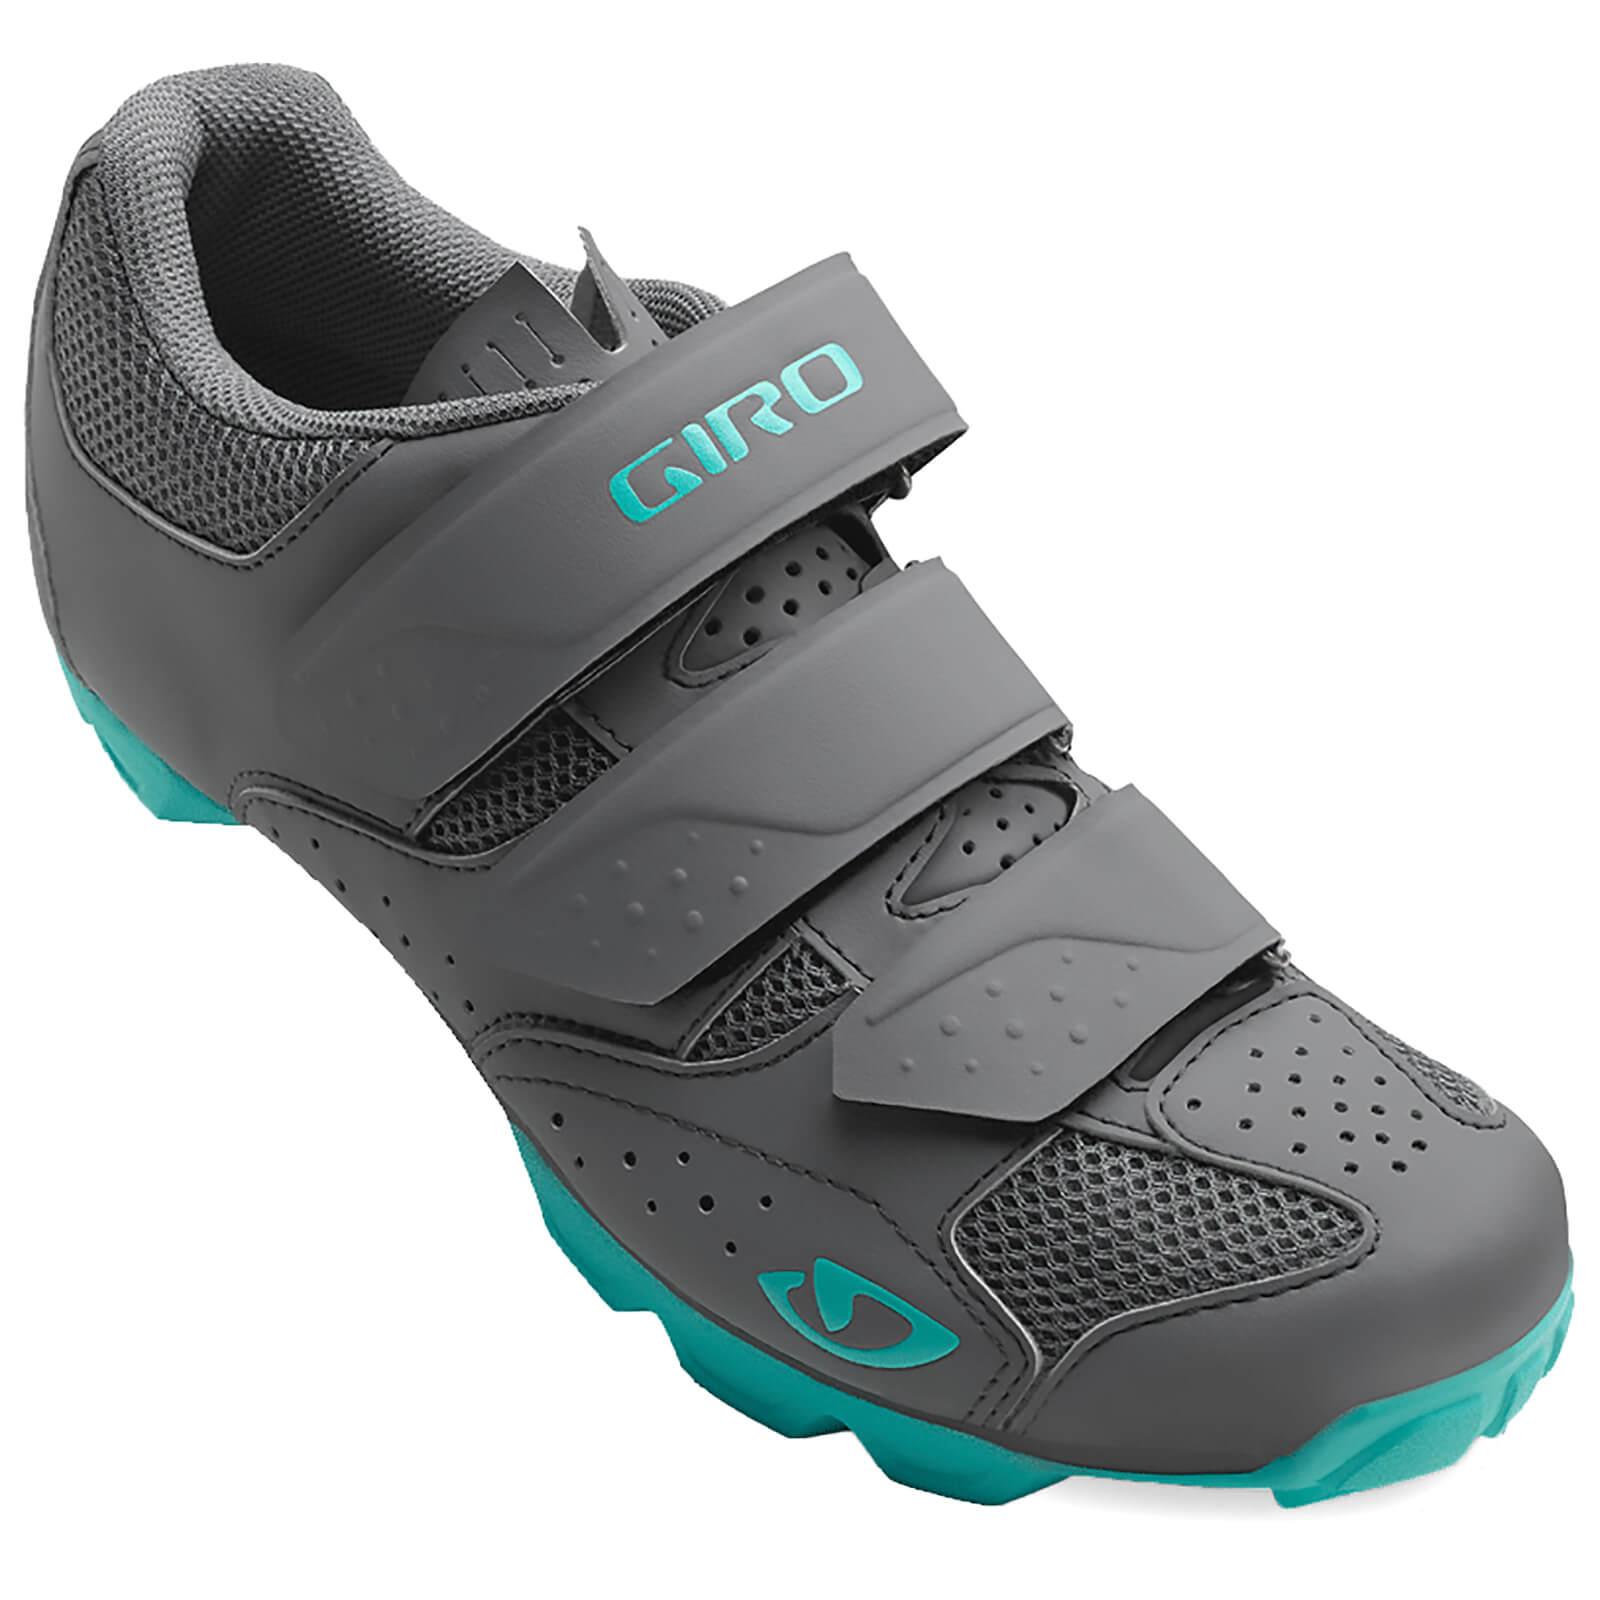 Giro Riela RII Women's MTB Cycling Shoes - Dark Shadow/Glacier - EU 37/UK 4 - Grey